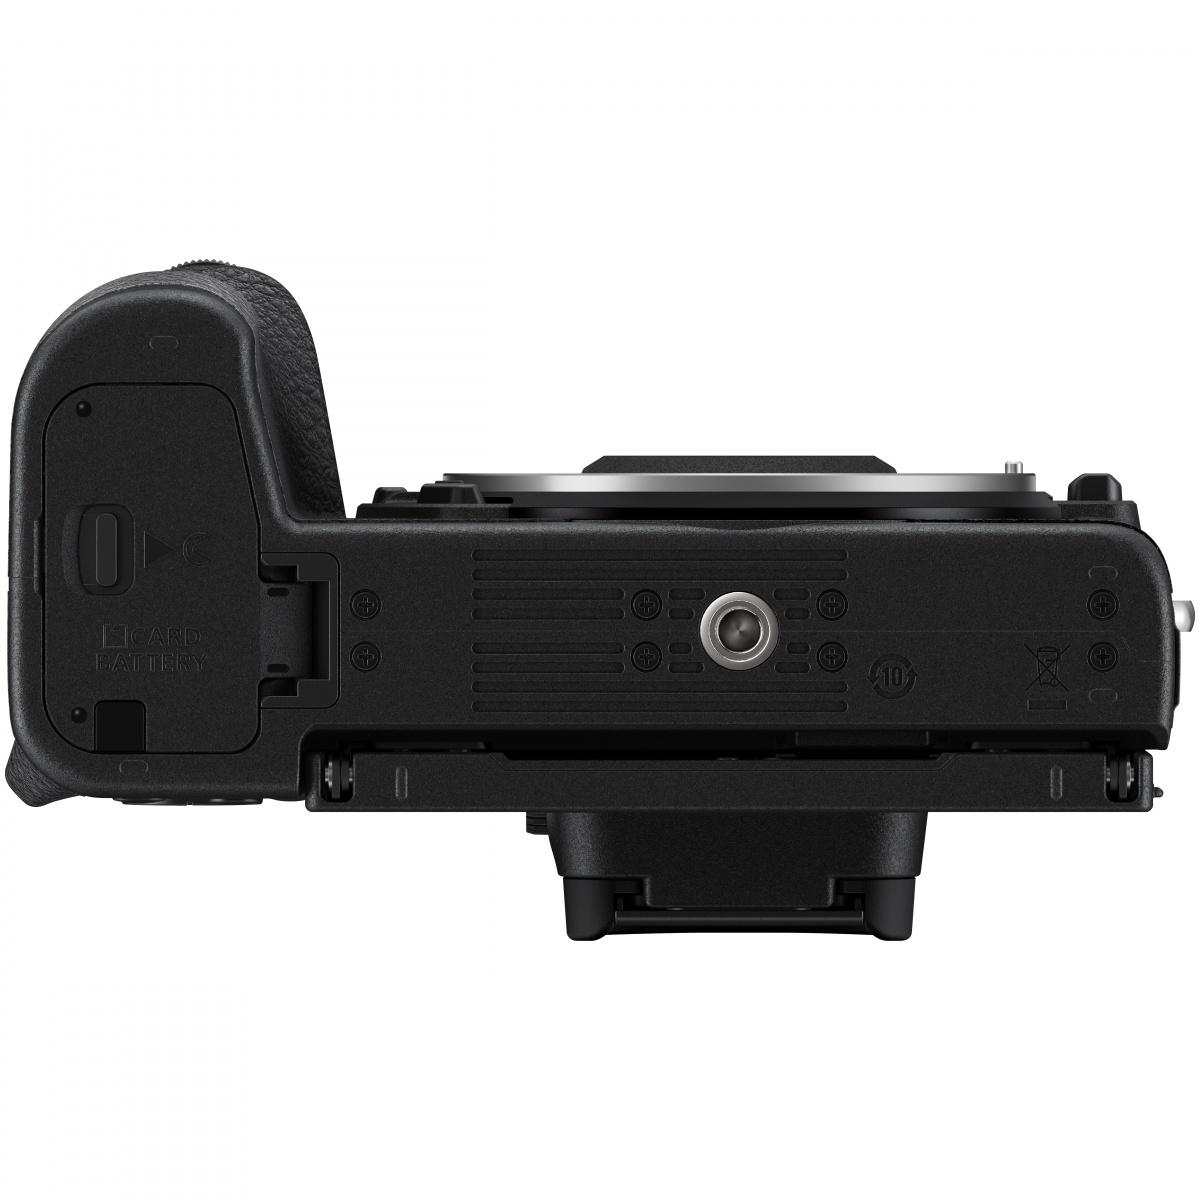 Nikon Z50 Gehäuse